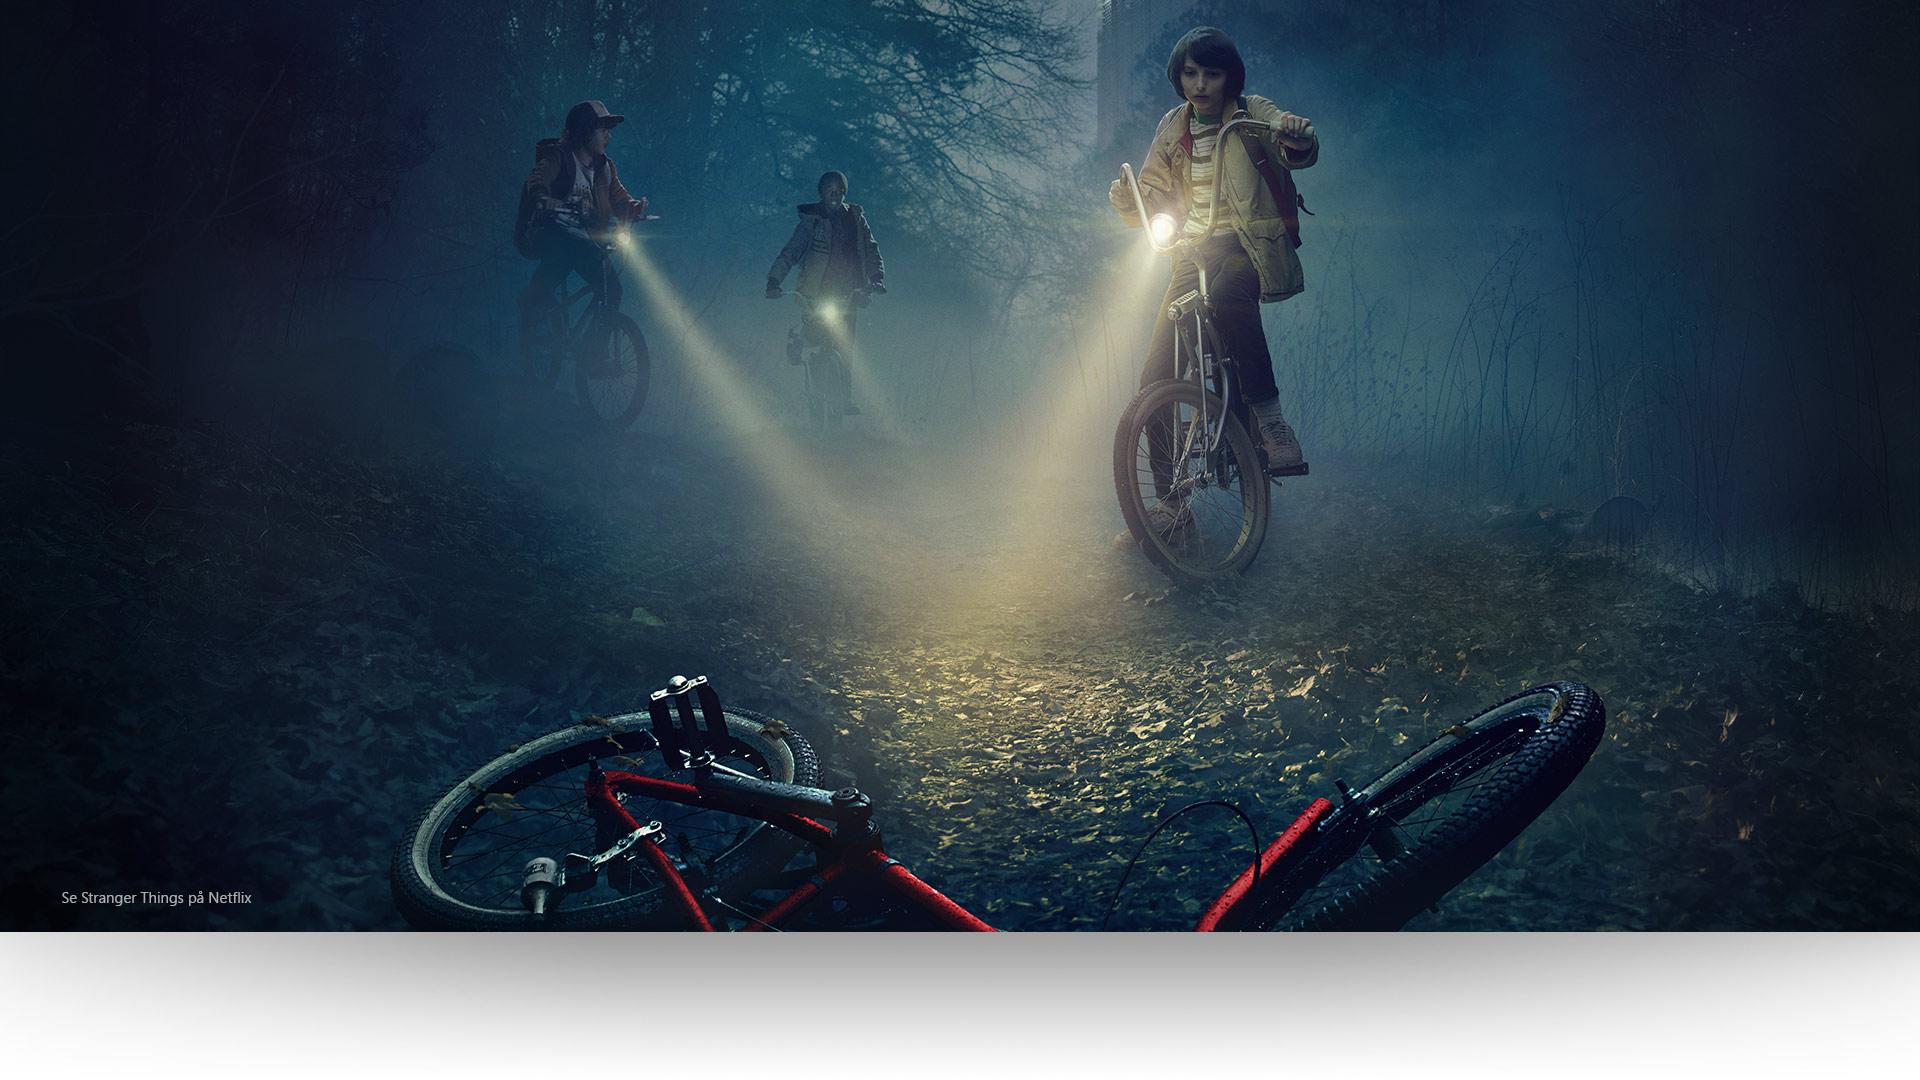 Børn på cykler finder en tabt cykel – se Stranger Things på Netflix